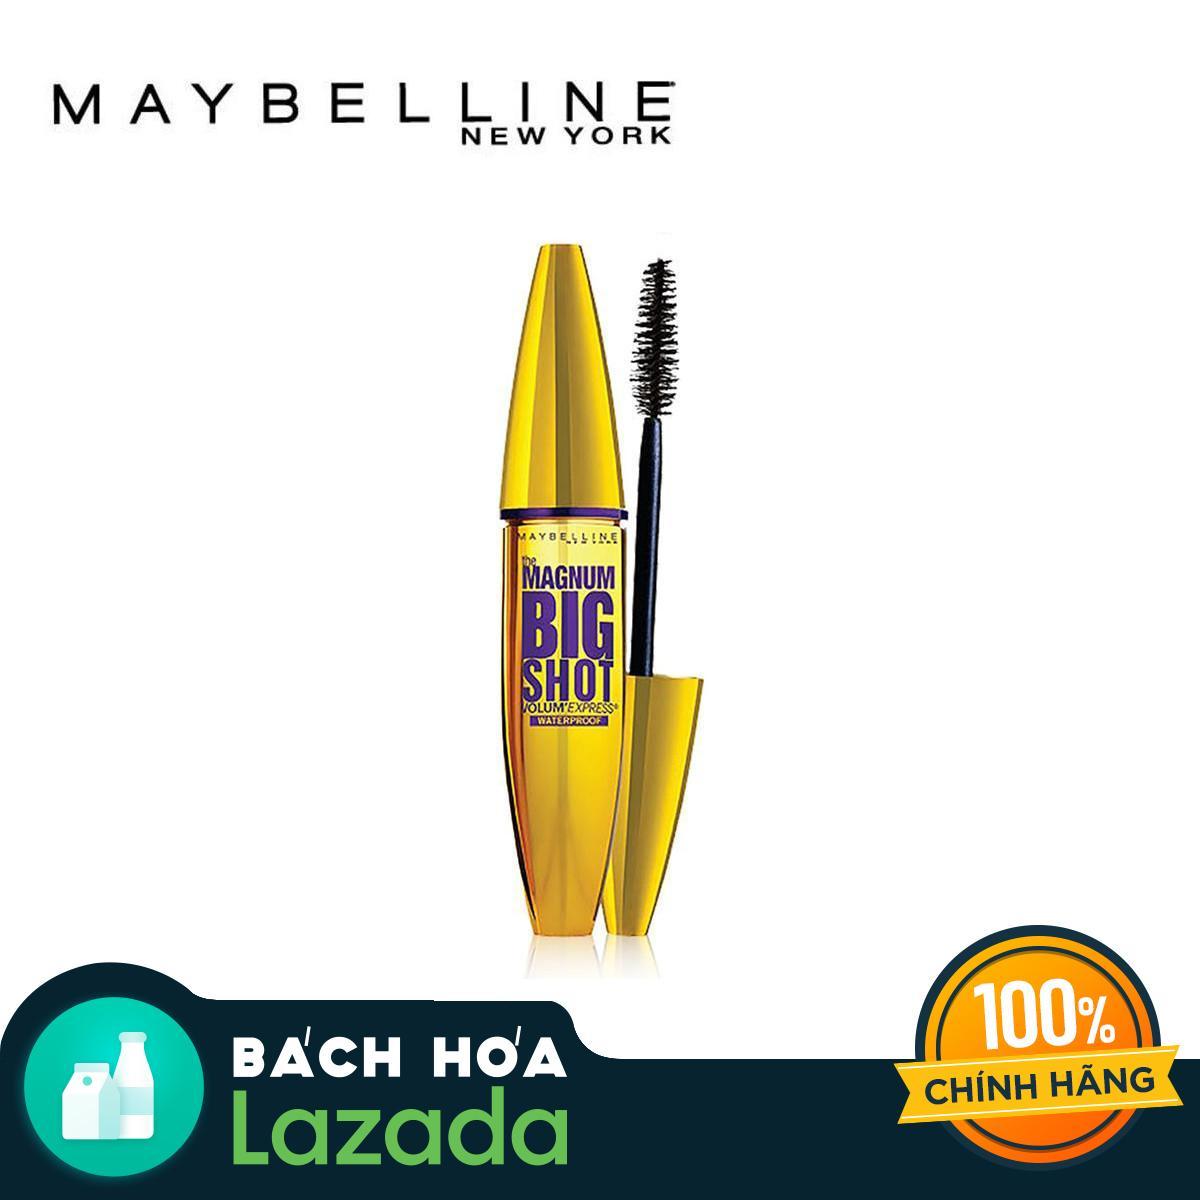 Giá Quá Tốt Để Có Mascara Dày Mi Cực đại Maybelline New York Magnum Bigshot (Đen)